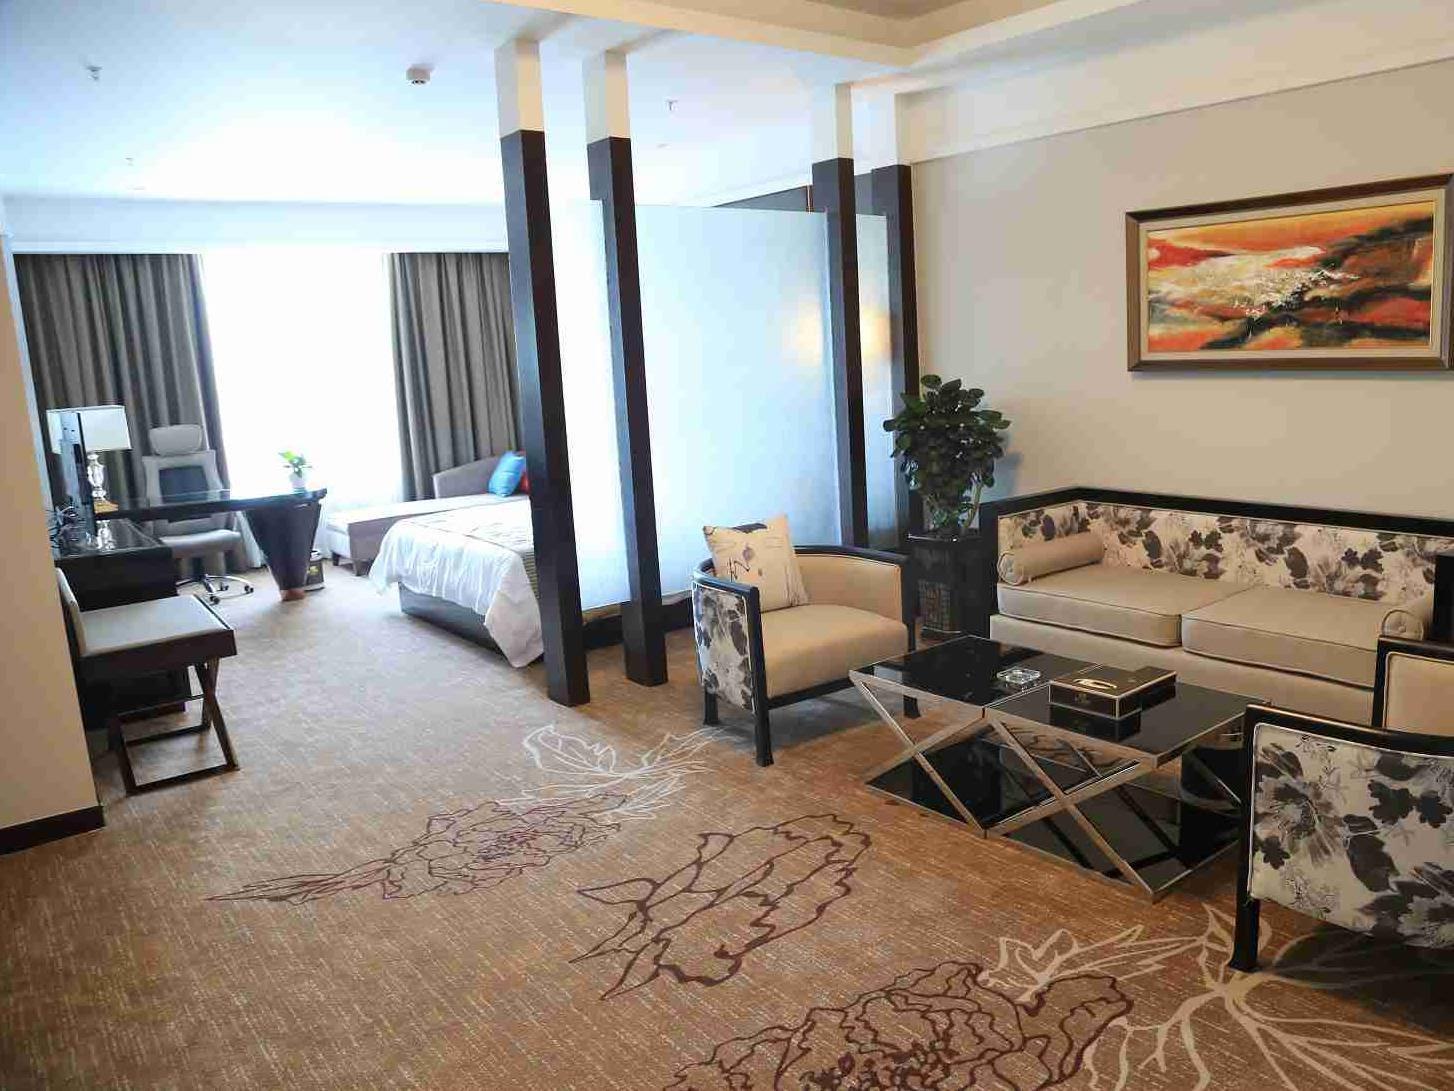 Berman Hotel Reviews